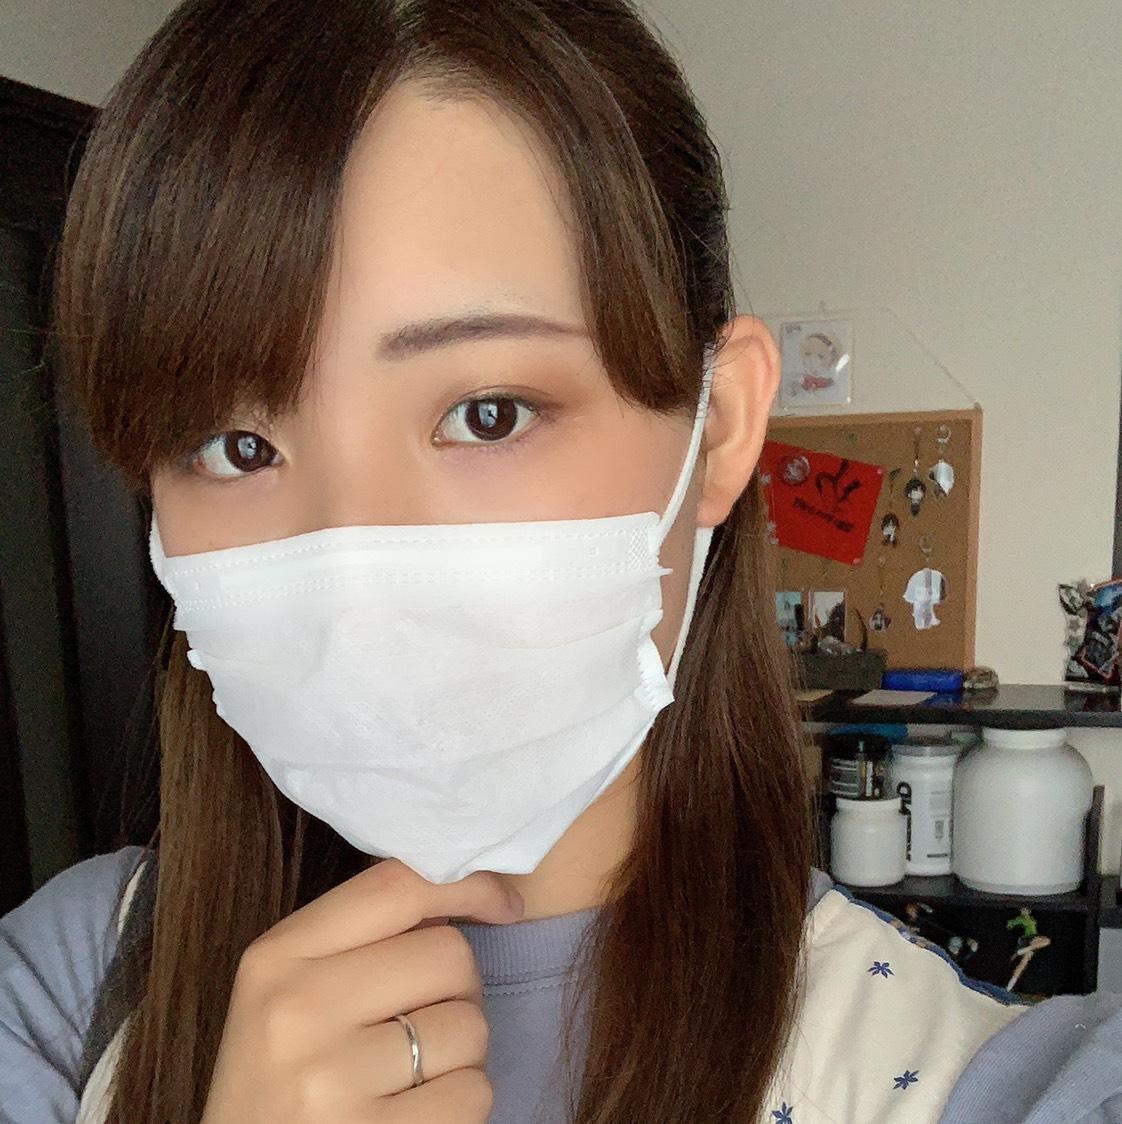 仕事メイク!!⸜(* ॑꒳ ॑*  )⸝